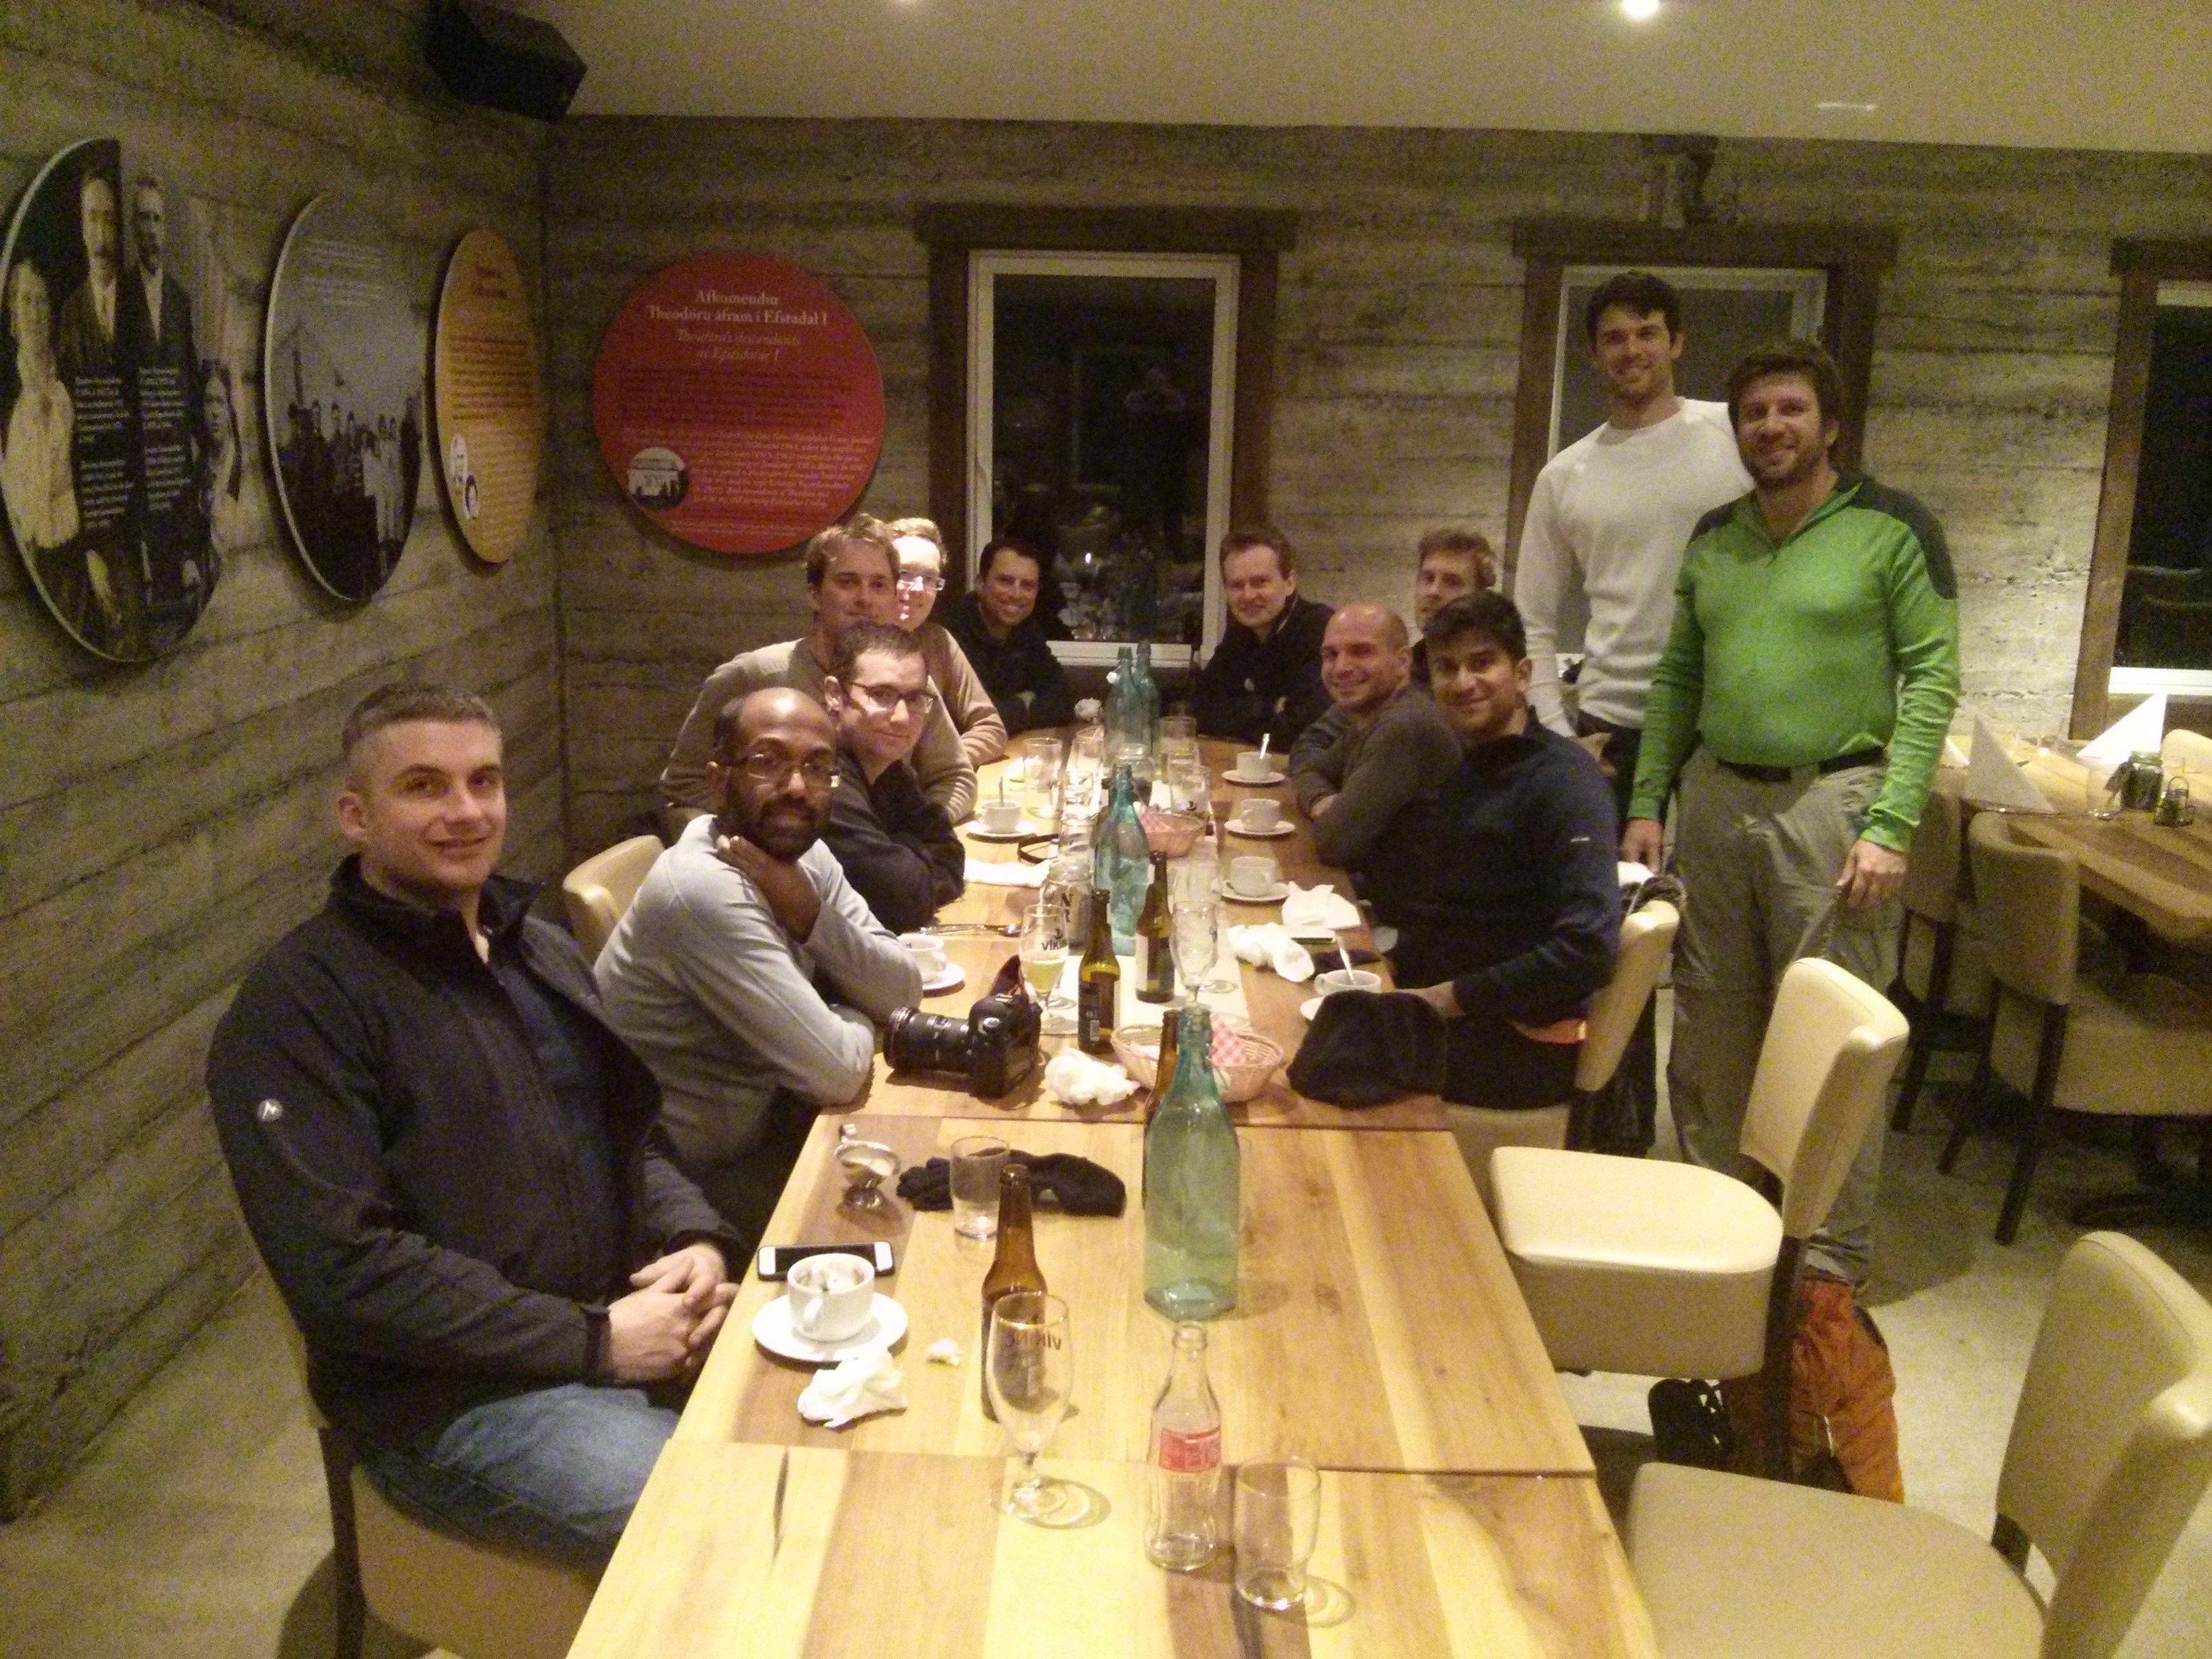 efstidalur_farm_group_dinner